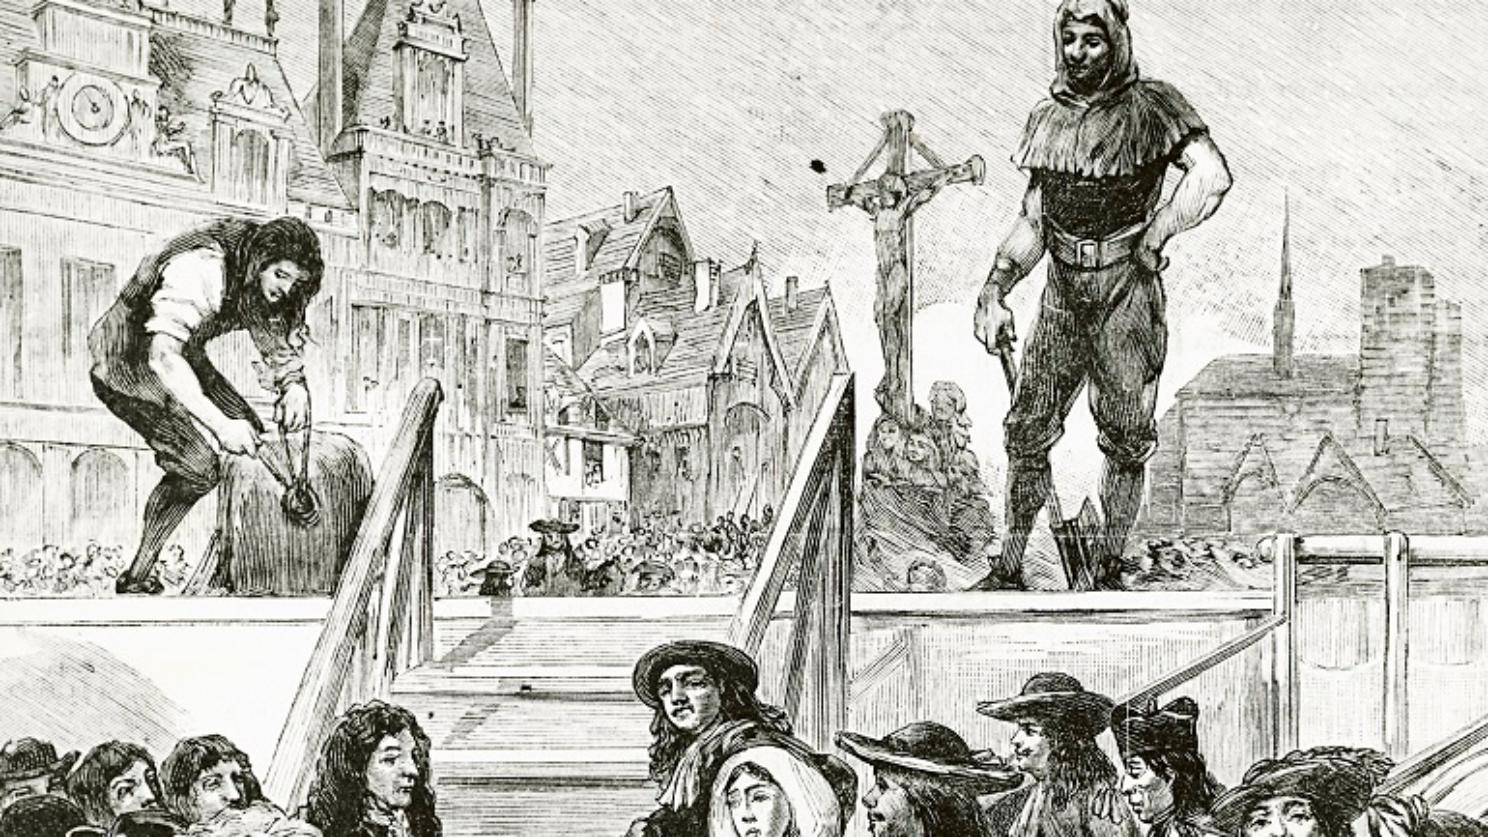 Acontece que no es poco | Ejecutado el asesino de Enrique IV de Francia